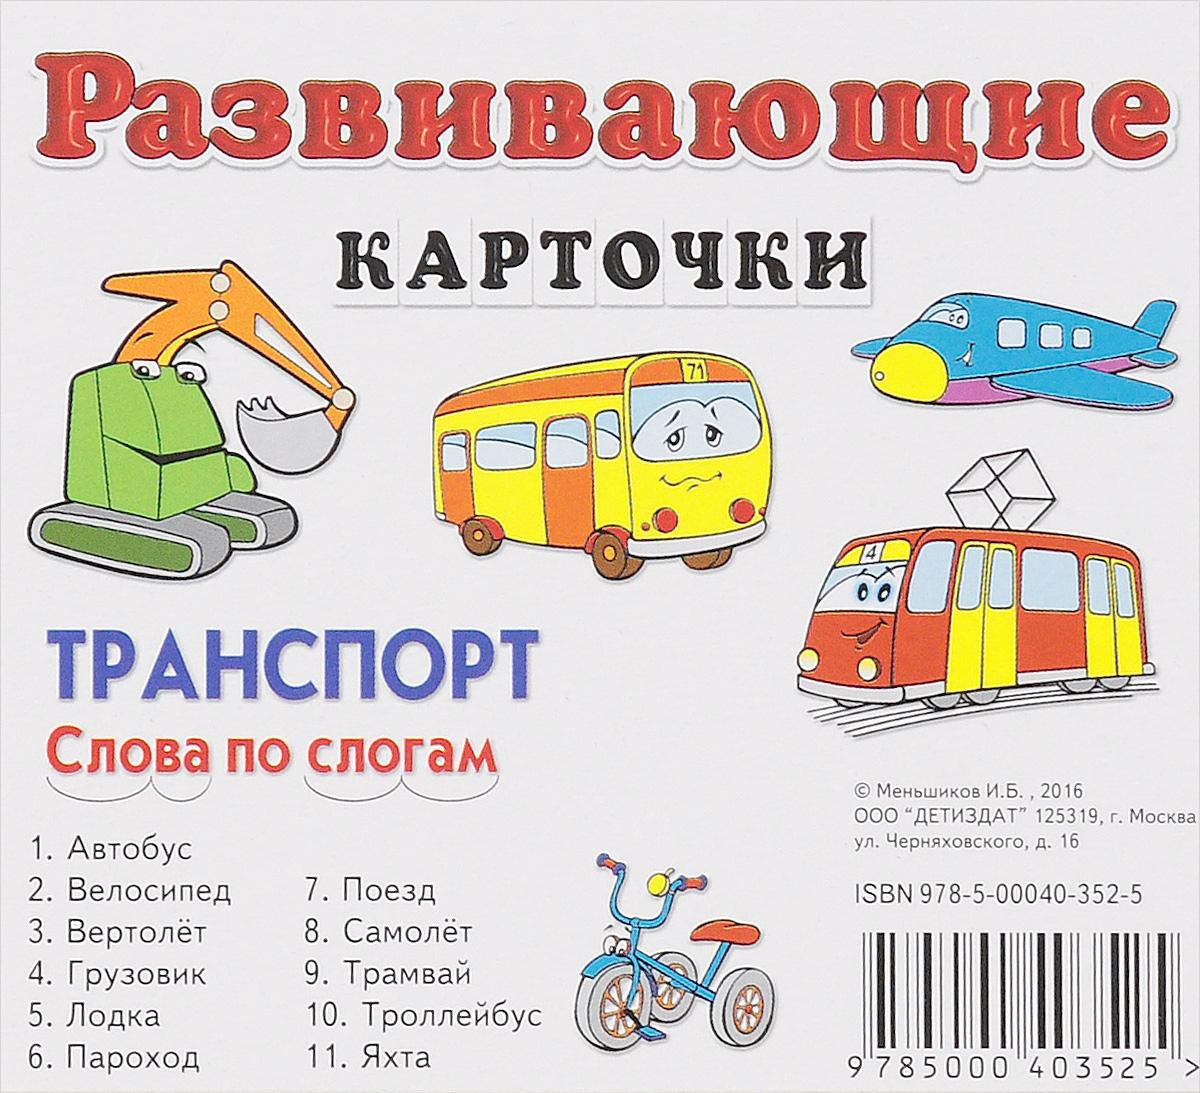 Транспорт. Слова по слогам. Развивающие карточки (набор из 11 карточек)